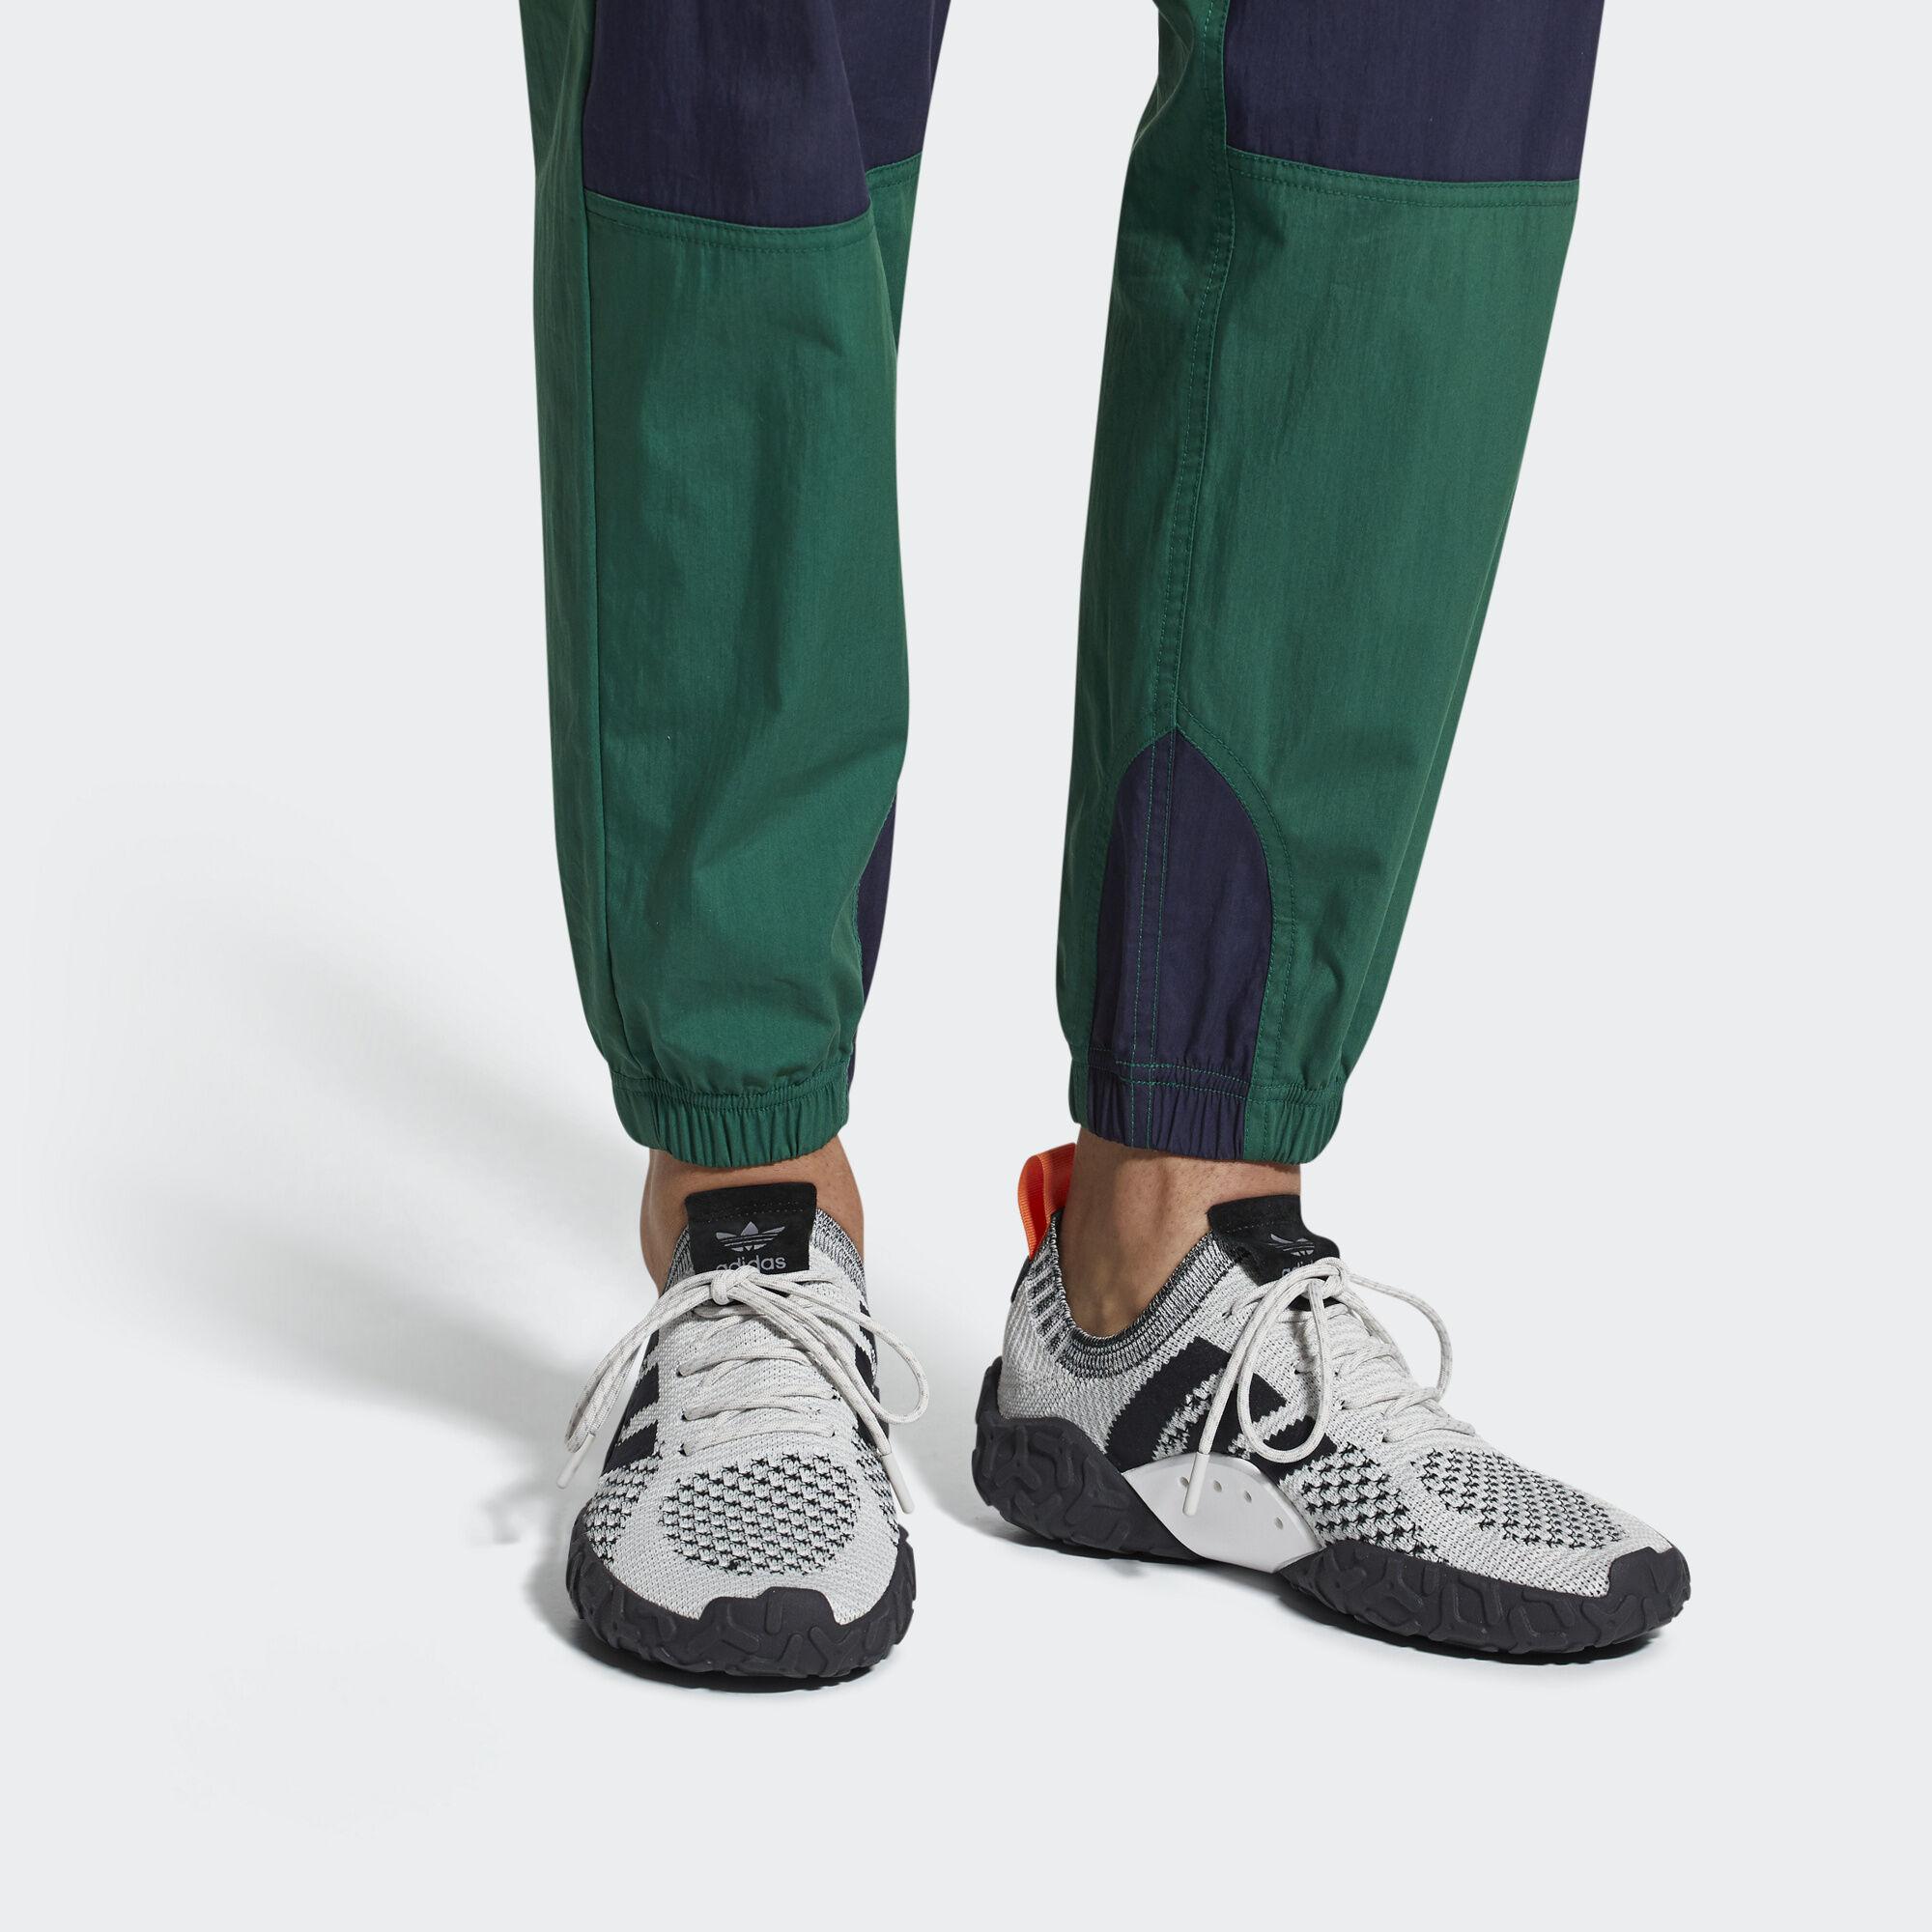 half off 63810 1417c adidas Buty F22 Primeknit - Pomarańczowy  adidas Poland